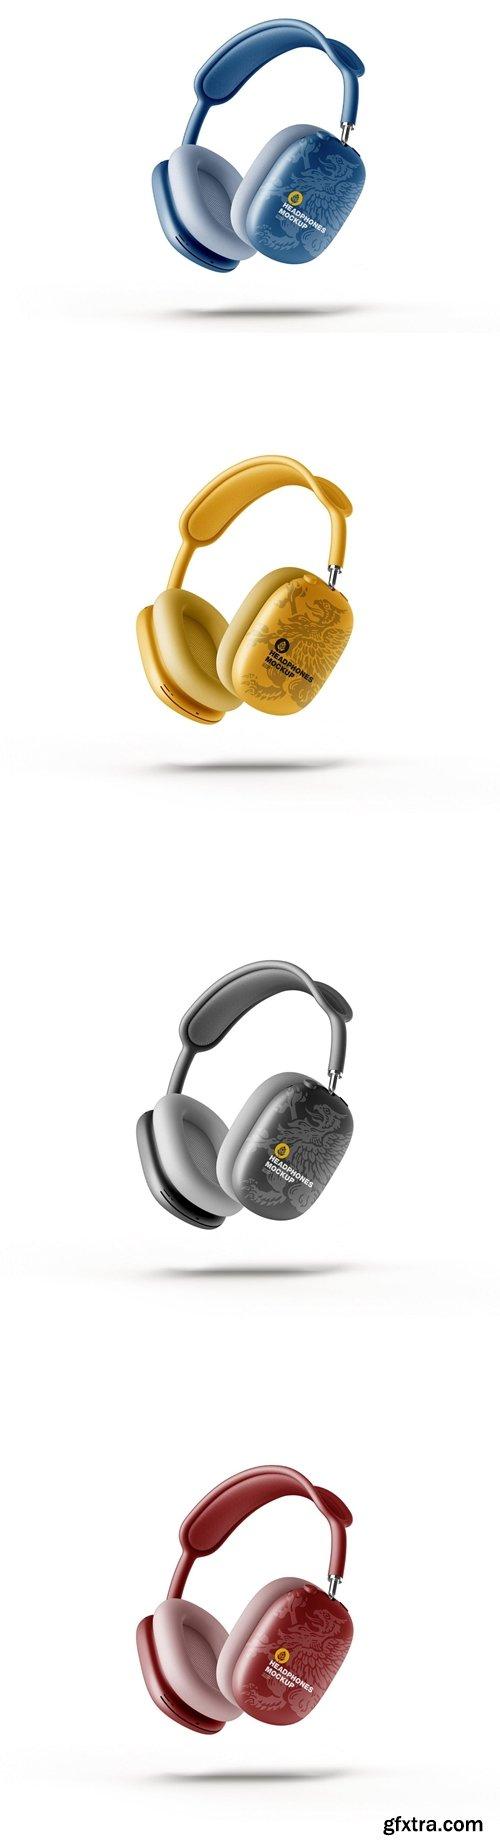 Headphones Mockup. Half Side View